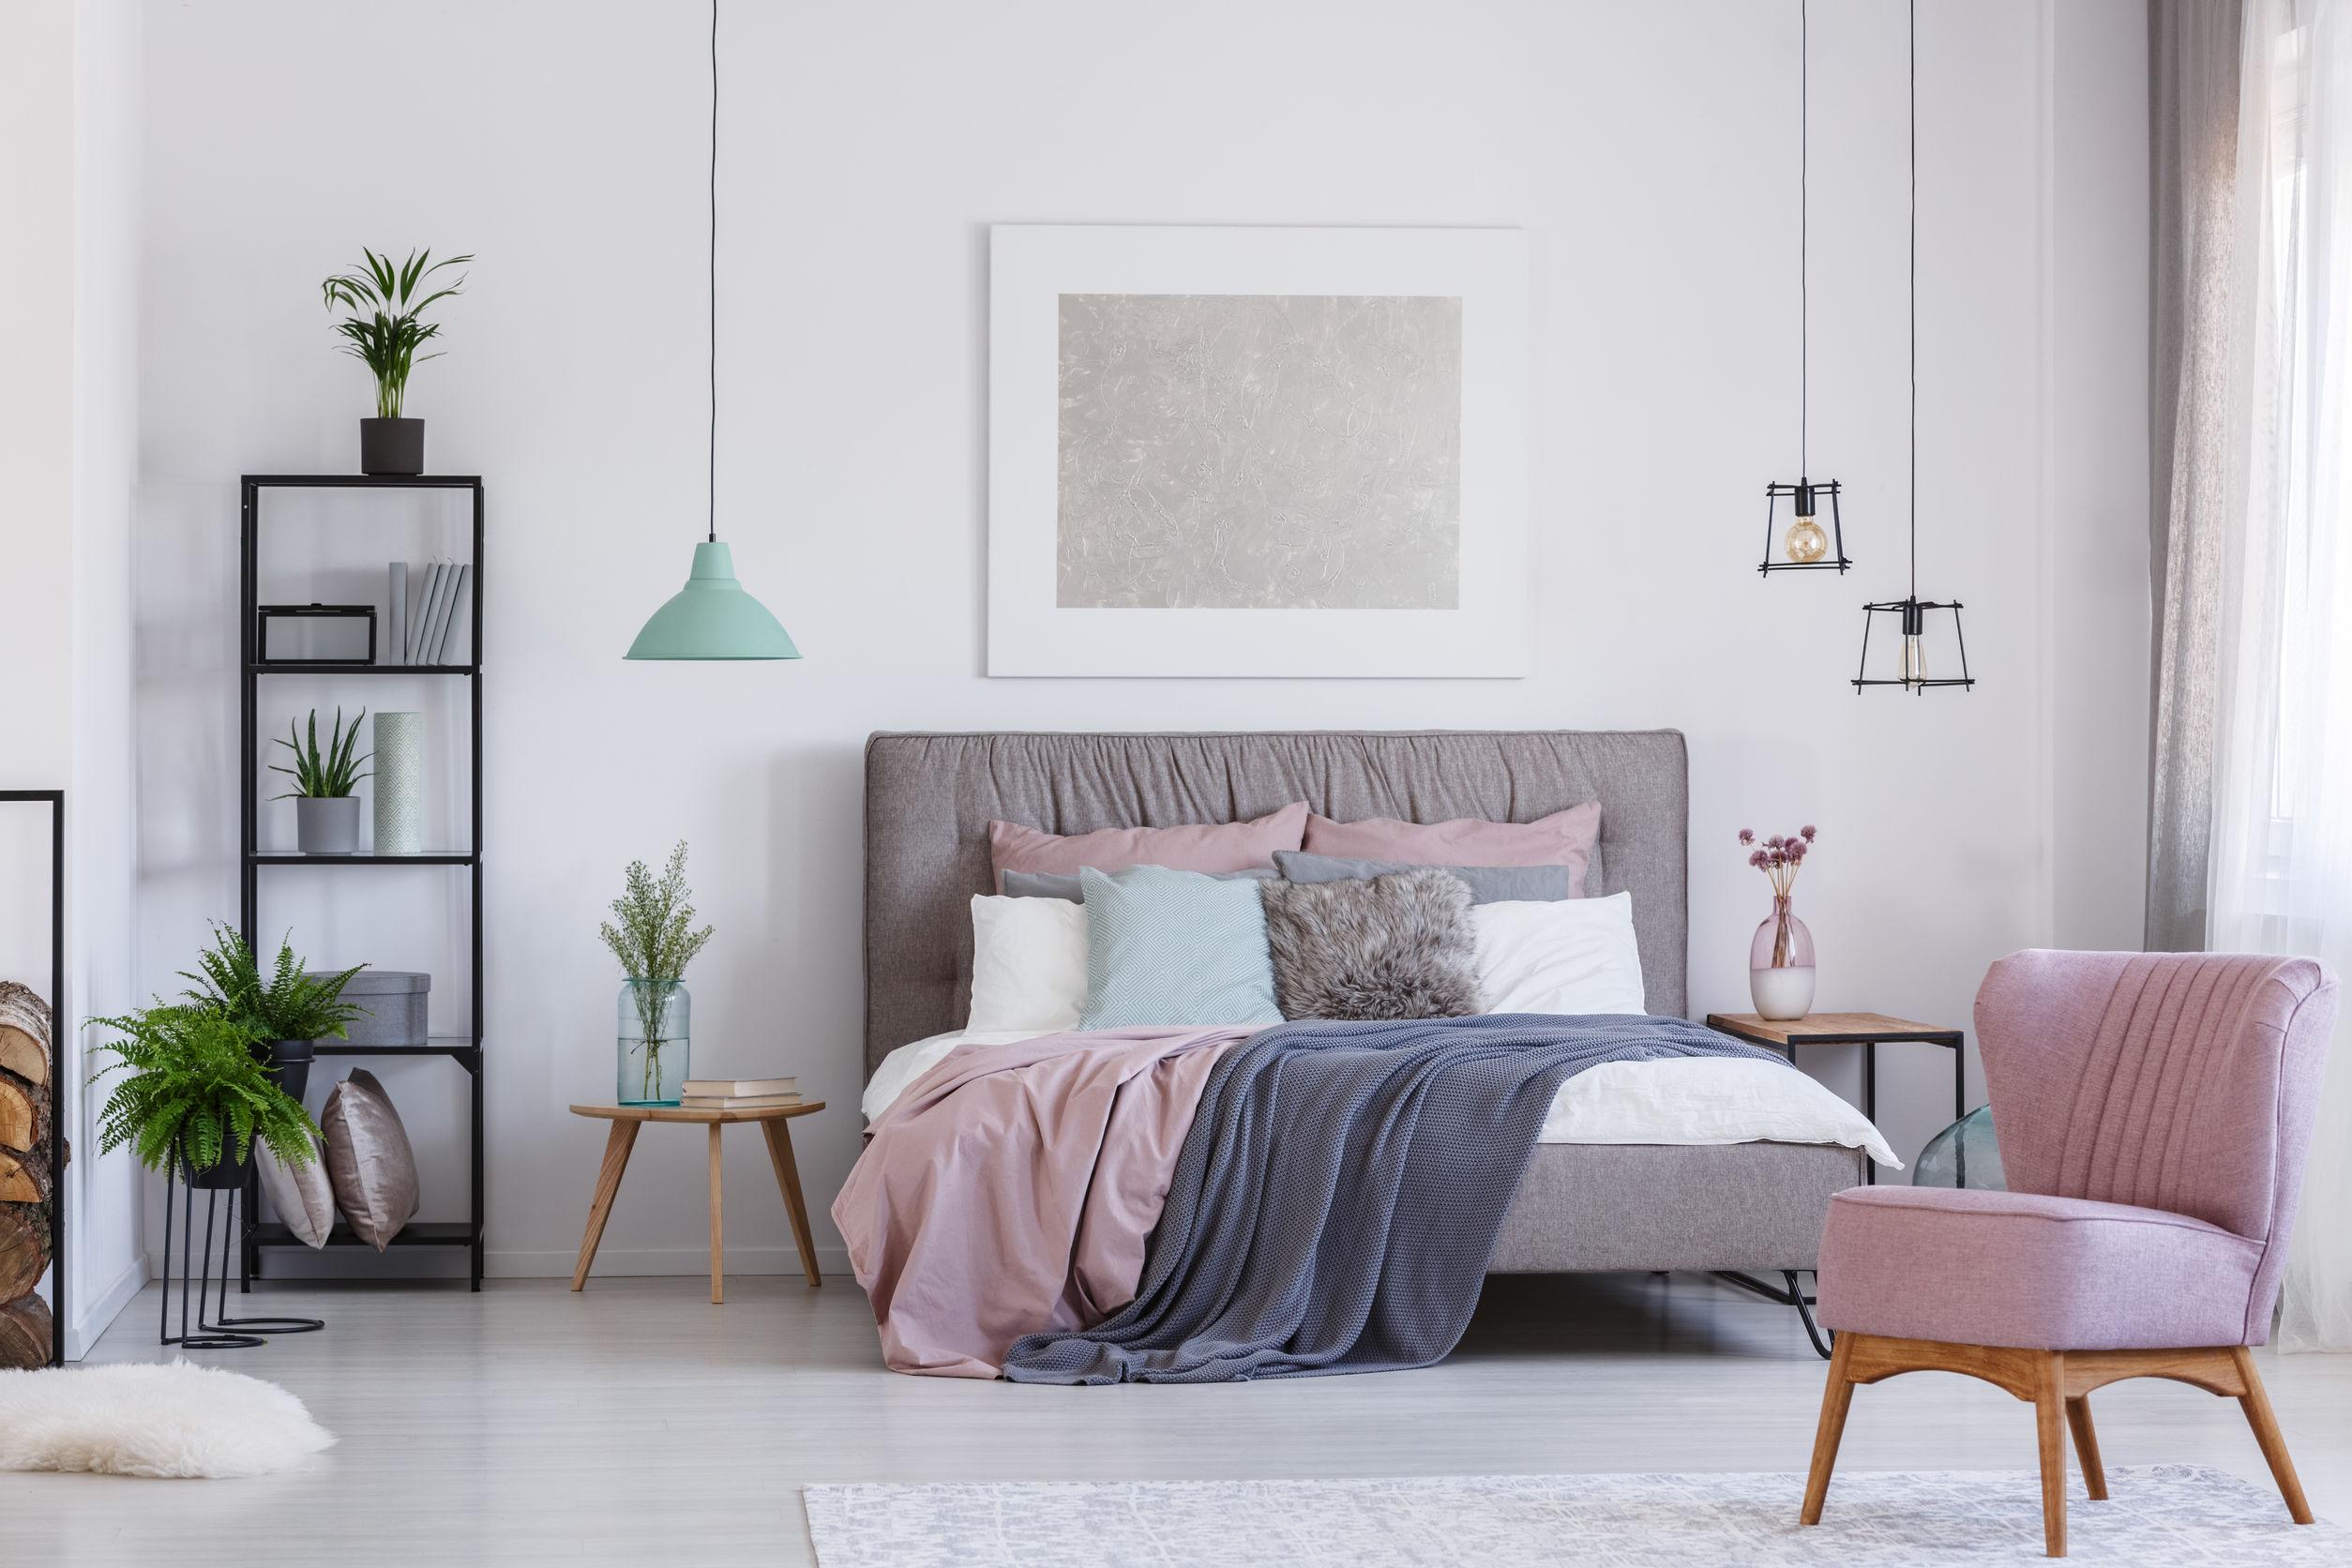 Migliori lenzuola di seta 2020: Guida all'acquisto